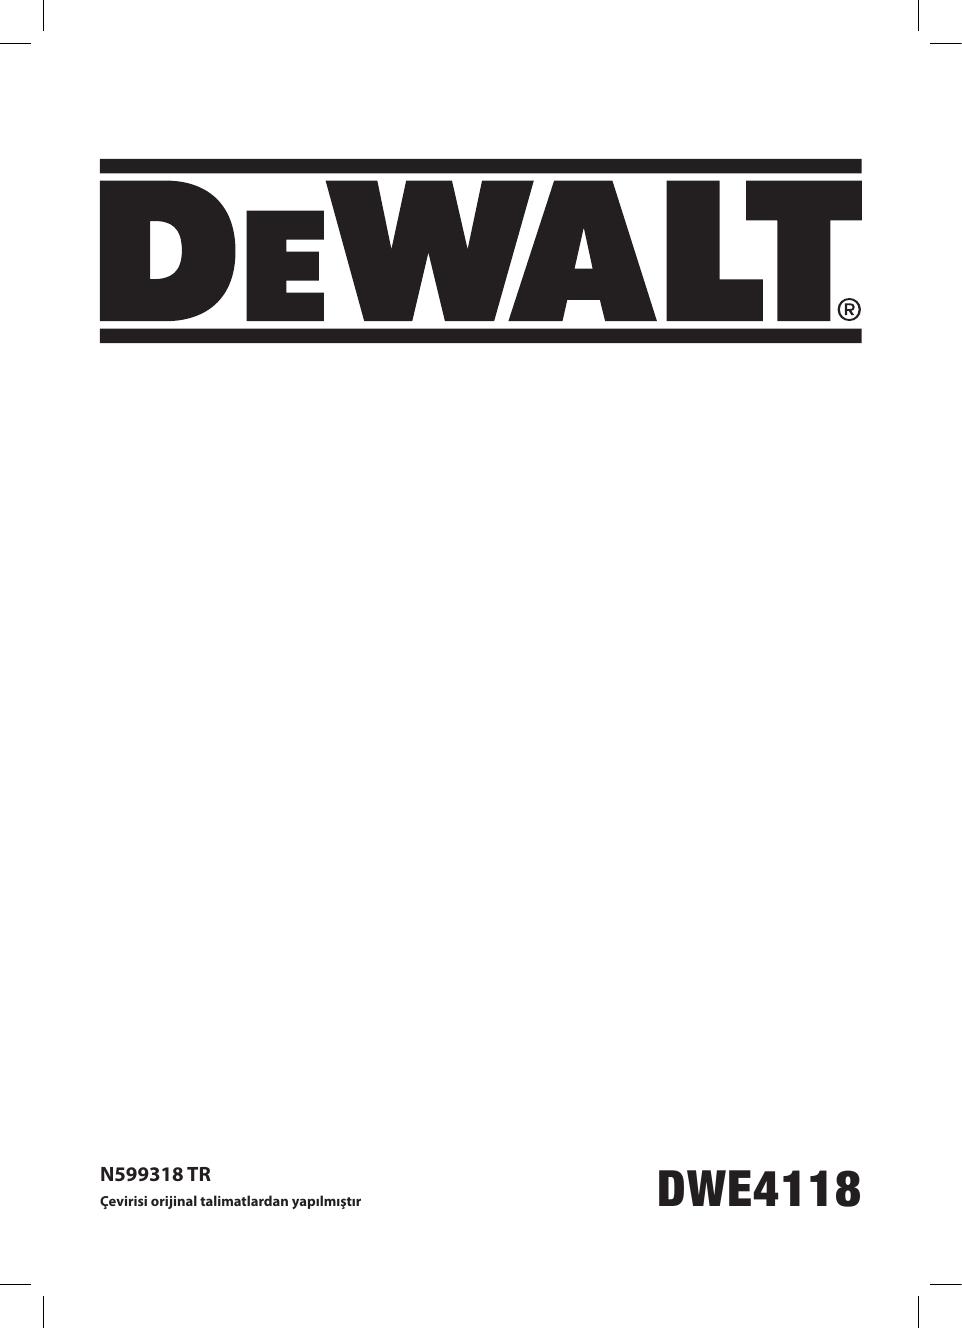 DeWalt DWE4118 SMALL ANGLE GRINDER instruction manual